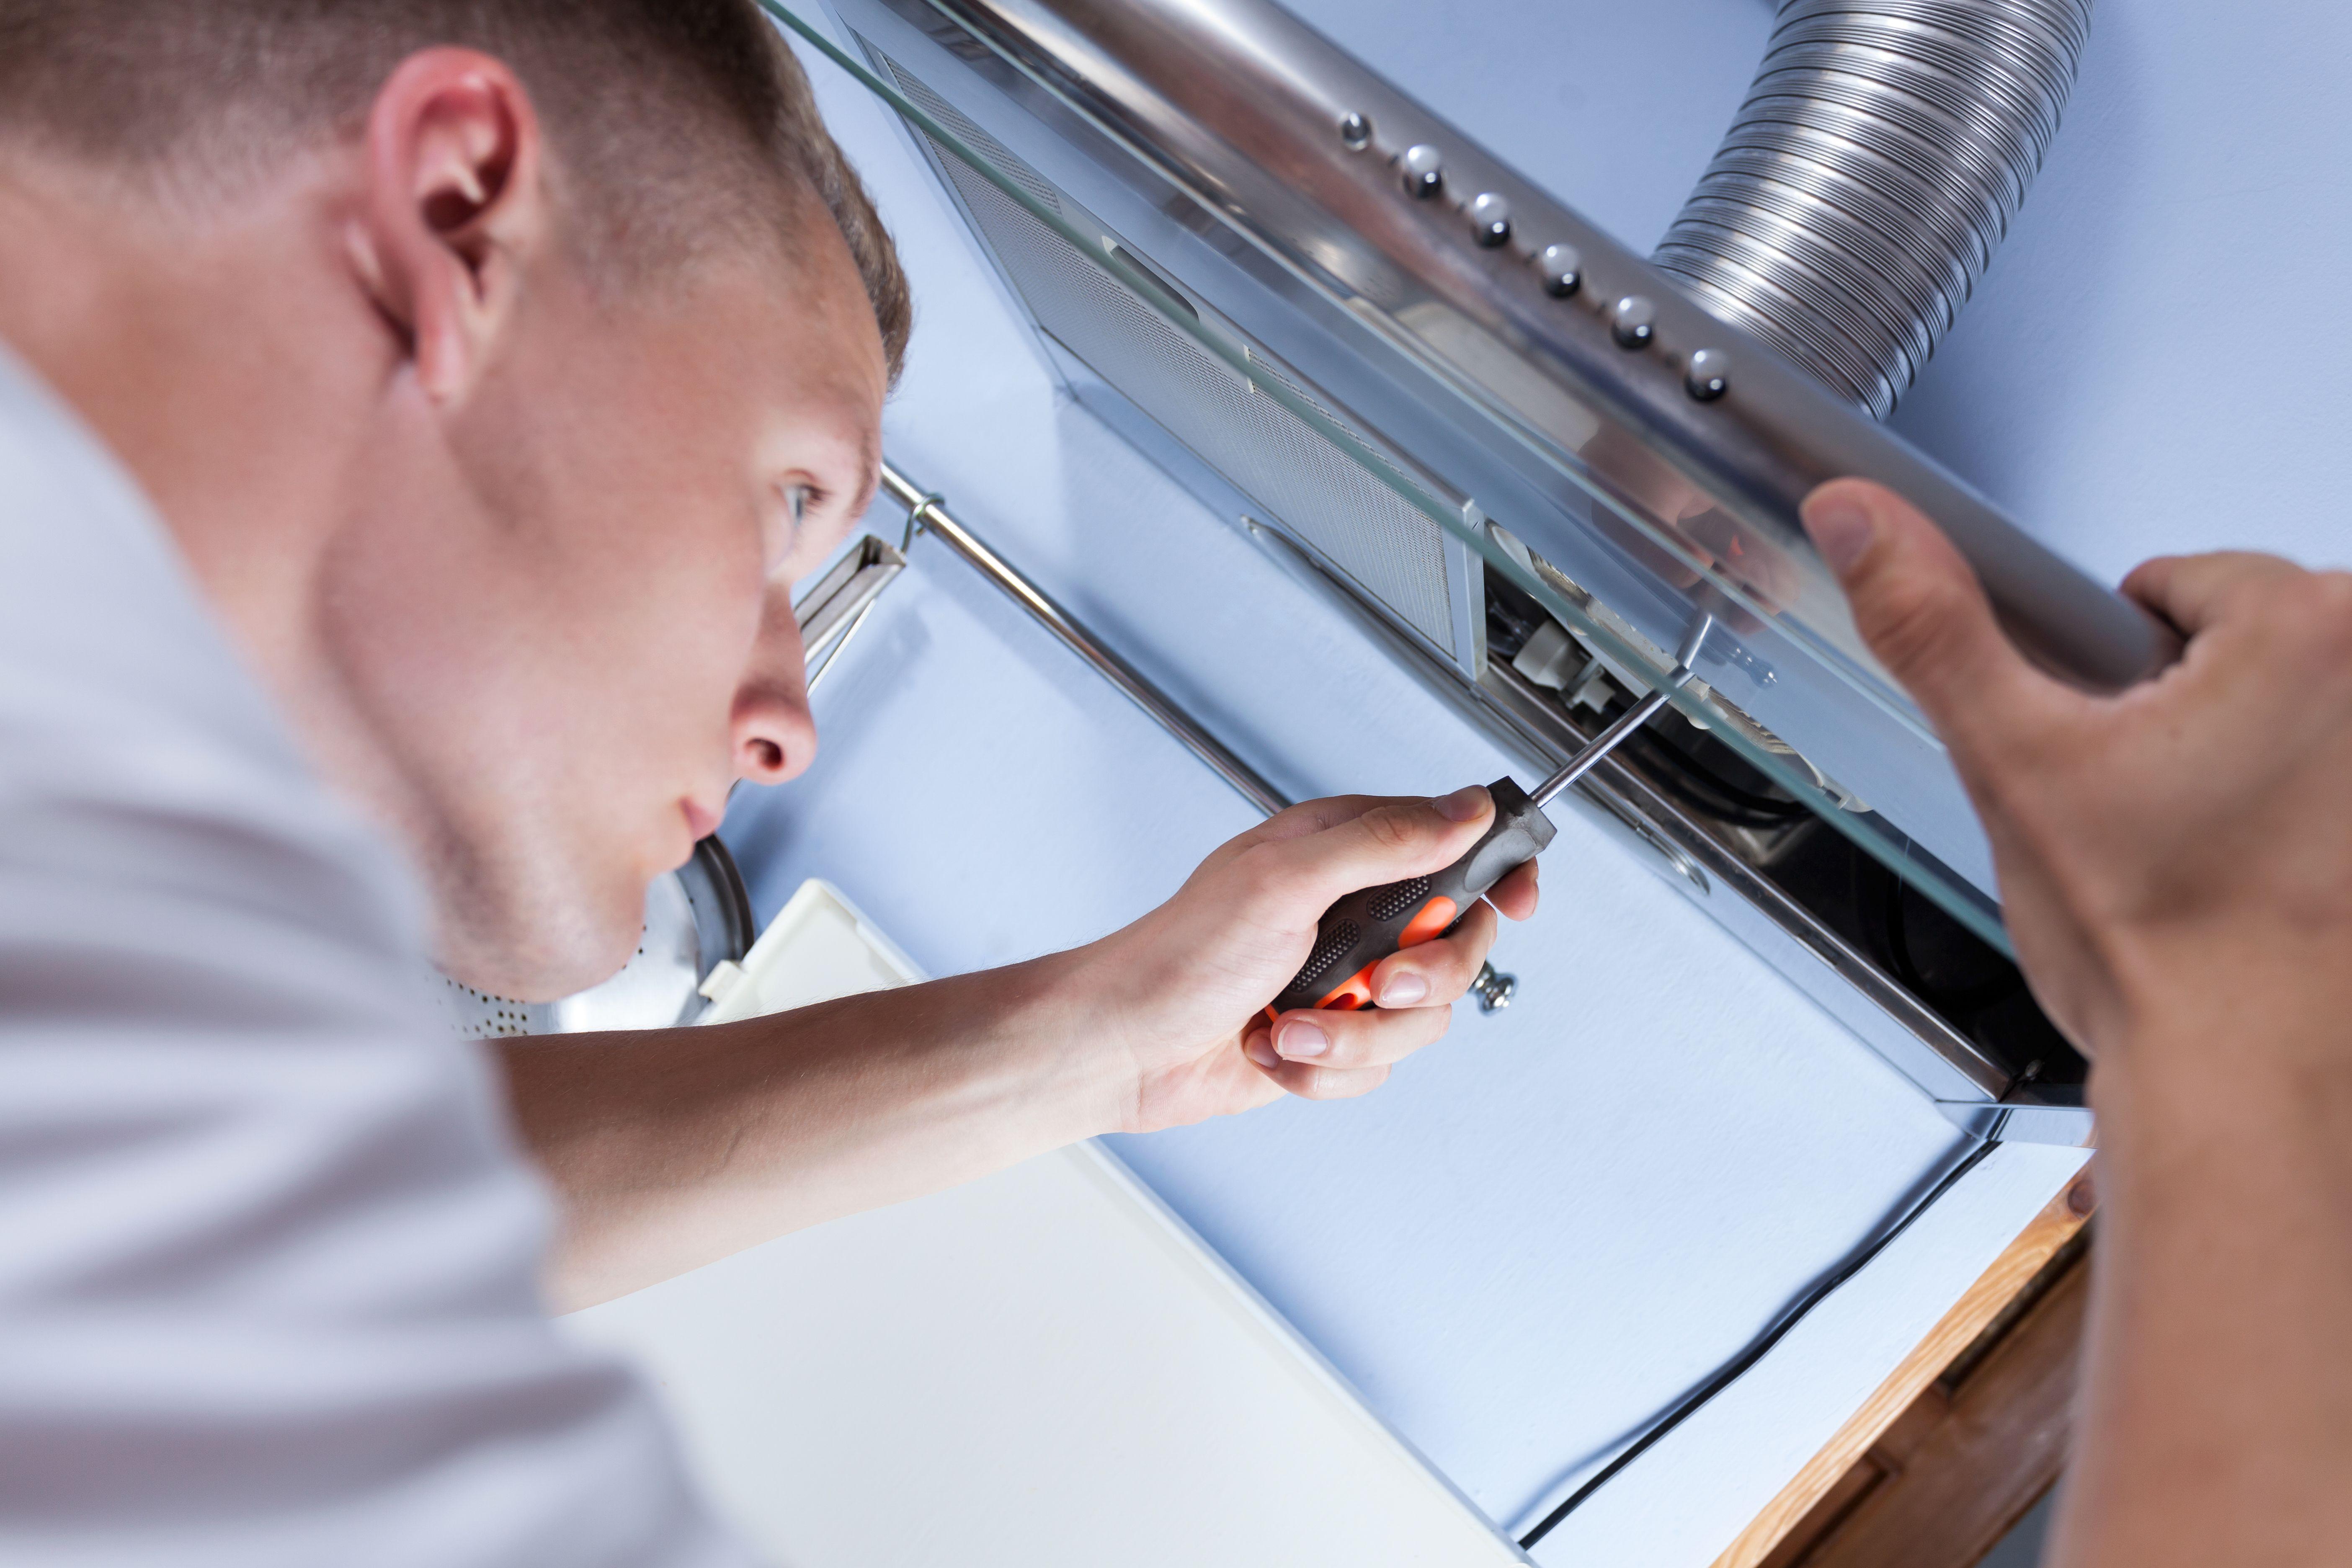 Reparación de electrodomésticos in situ